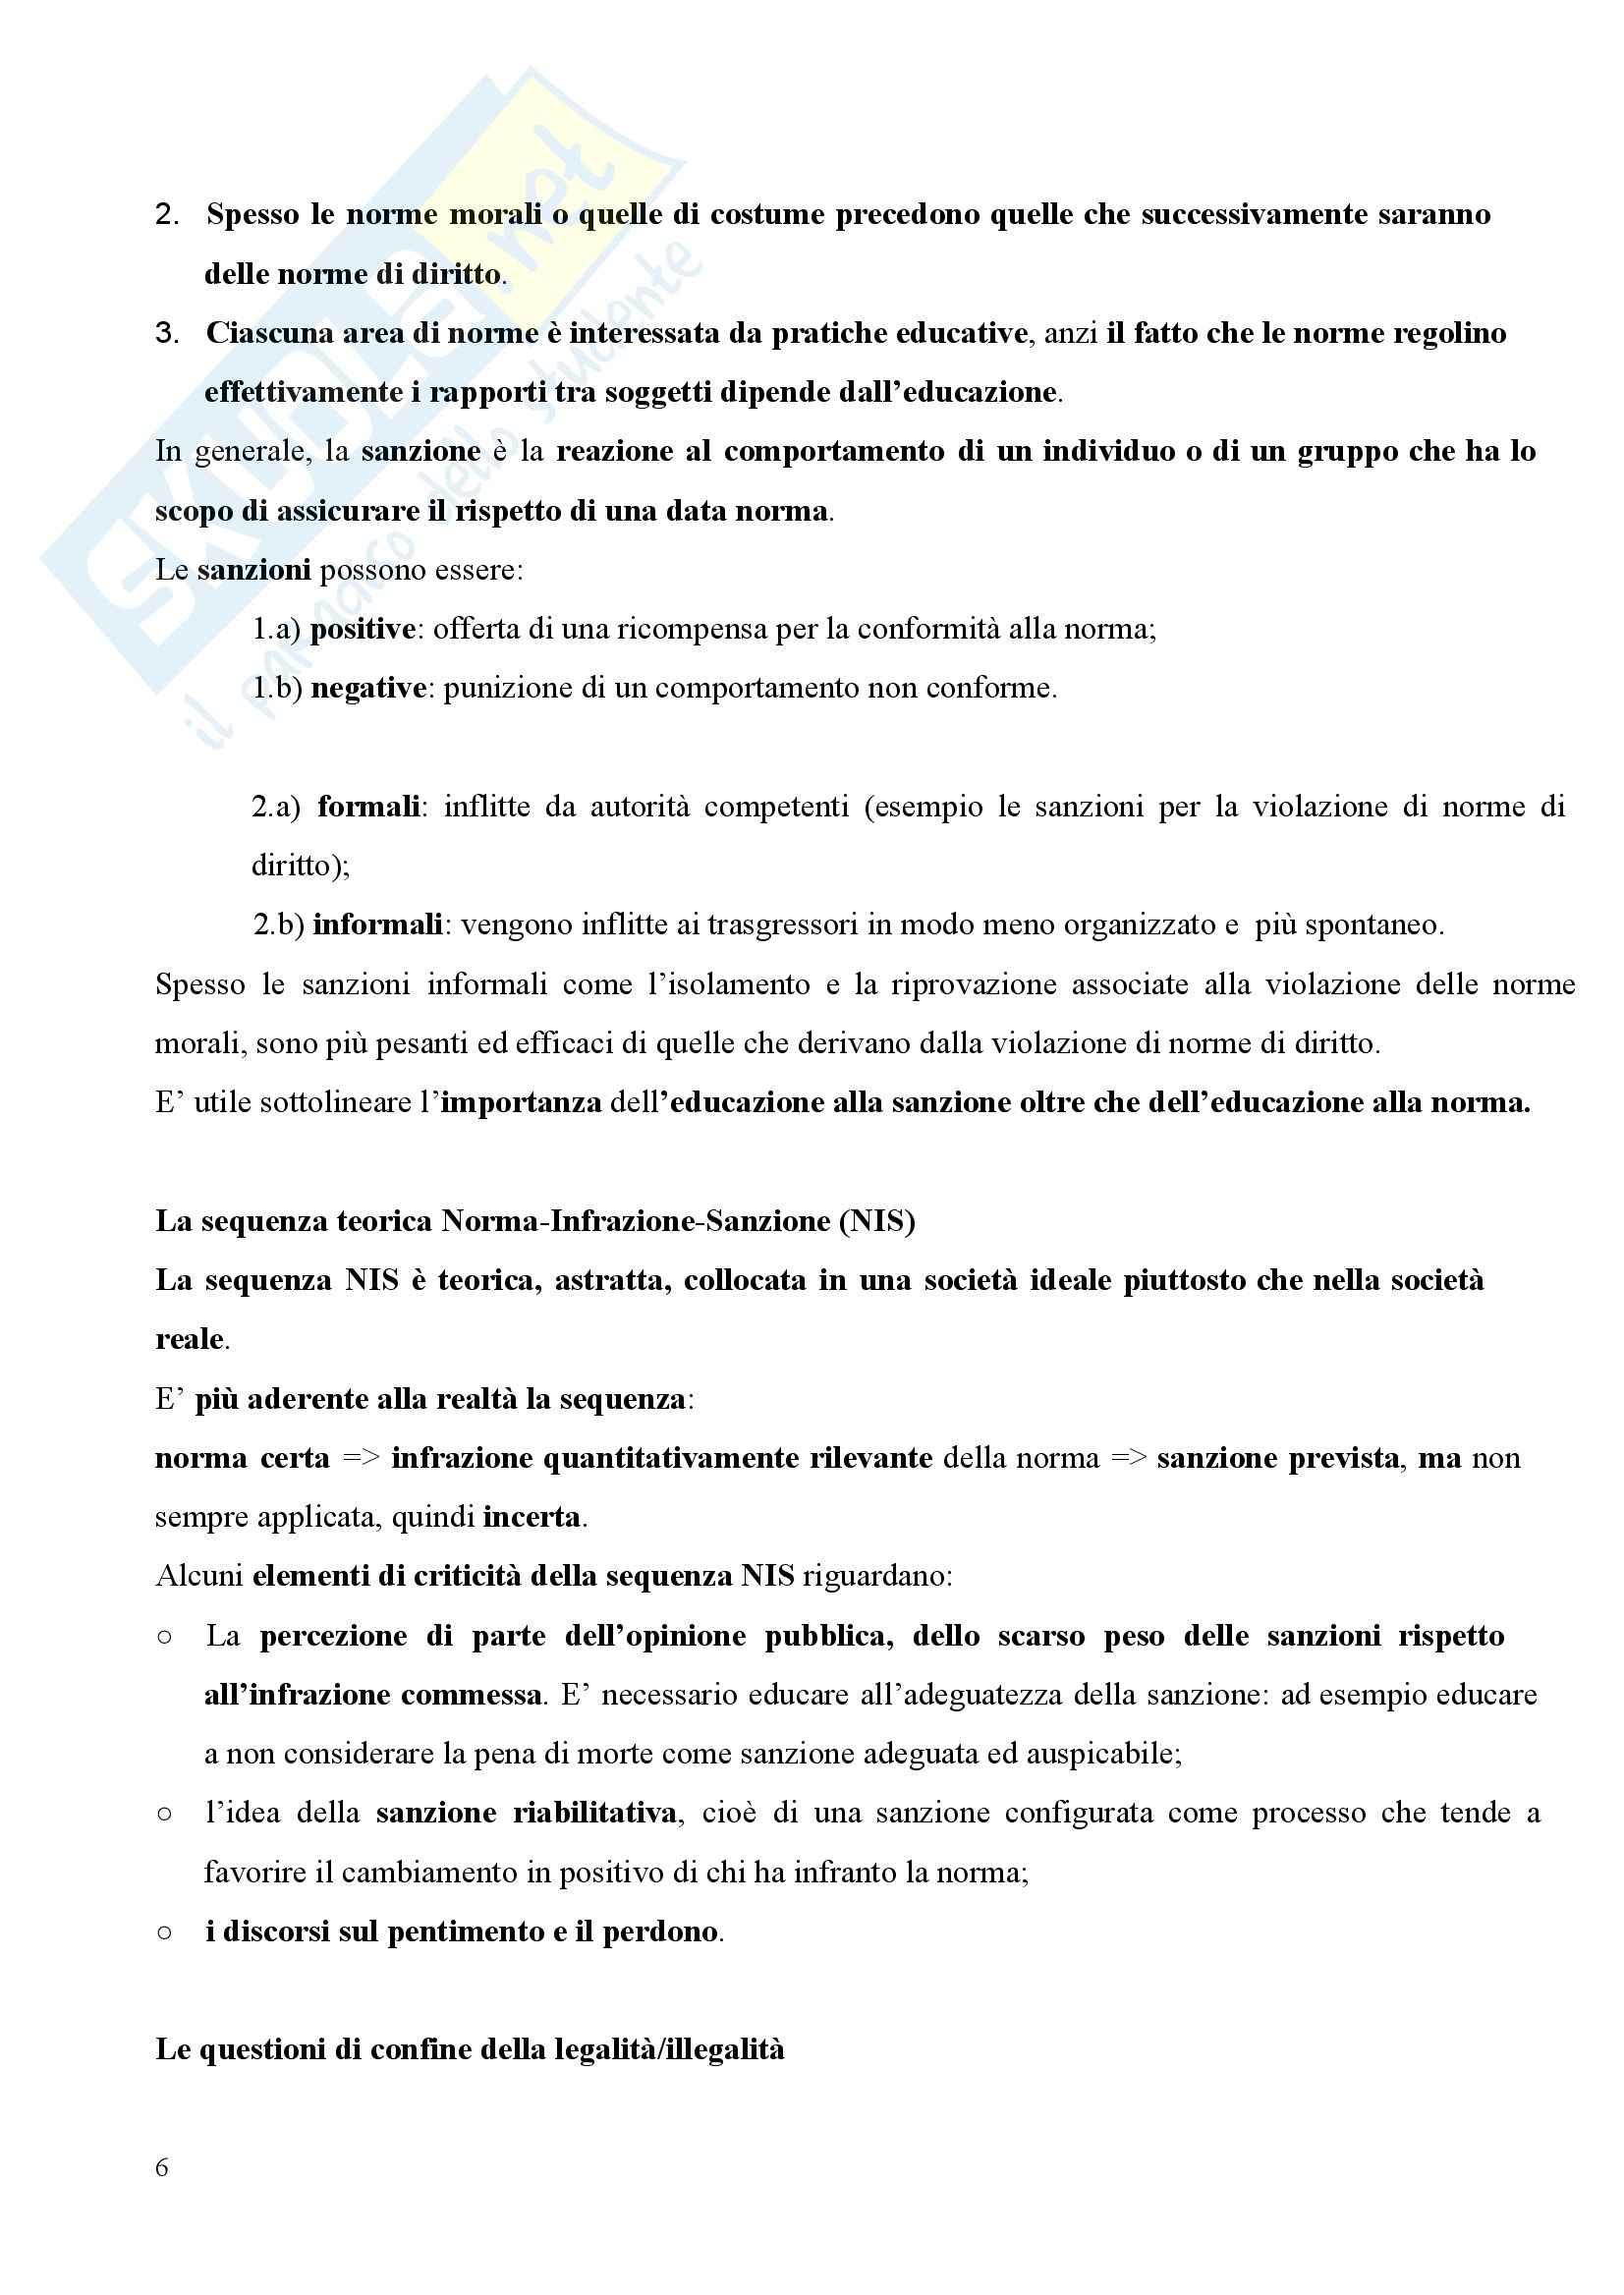 Riassunto esame Pedagogia Sociale, prof. Tramma, libro consigliato Legalità Illegalità: Il Confine Pedagogico Pag. 6